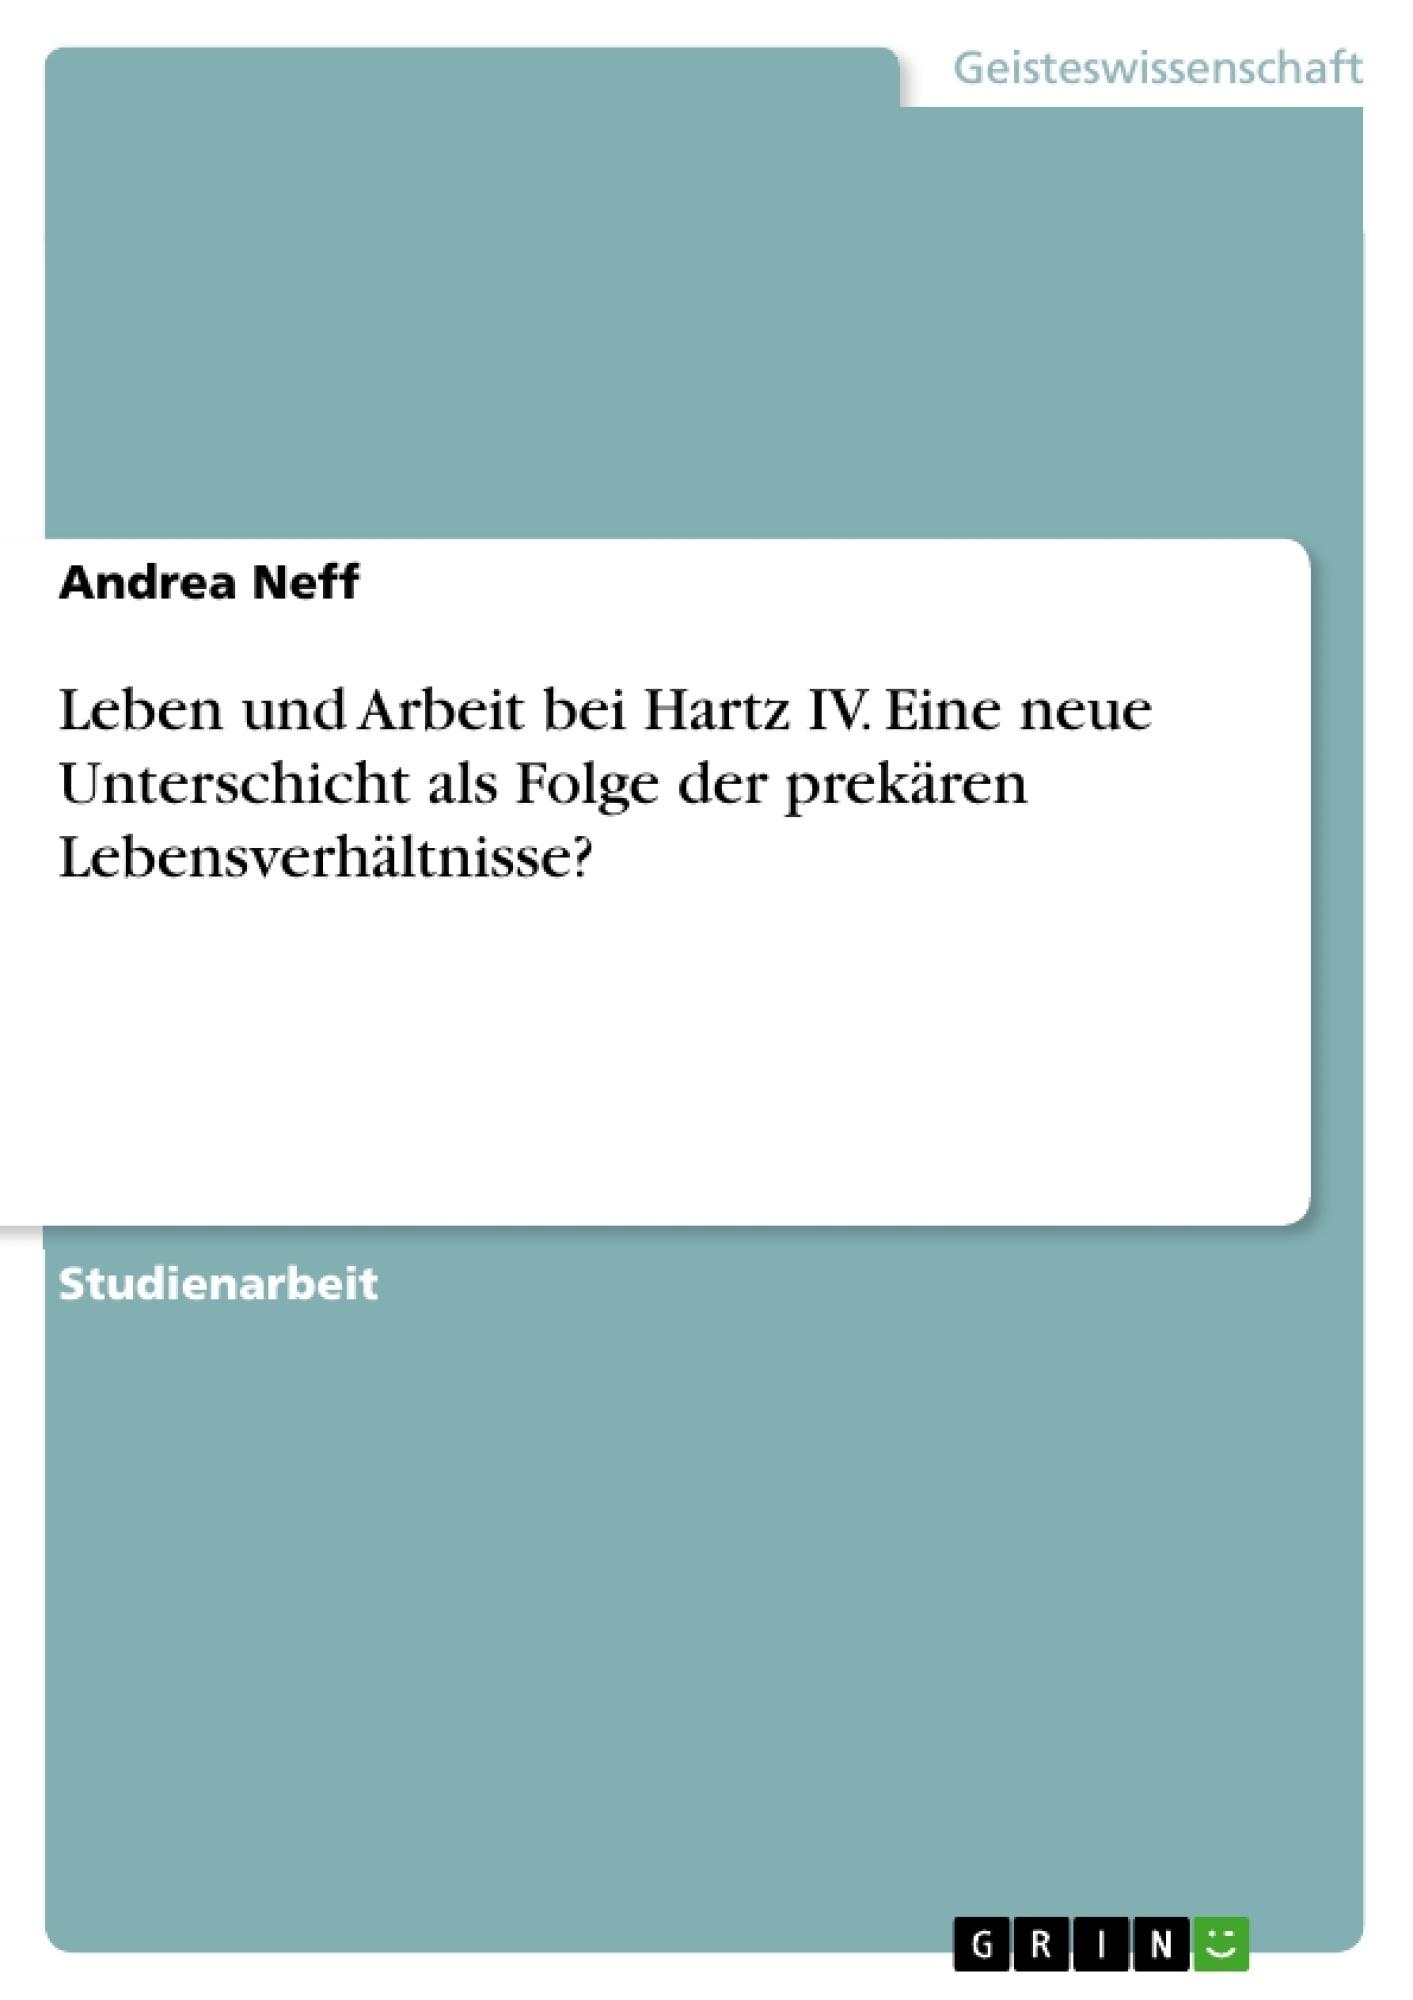 Titel: Leben und Arbeit bei Hartz IV. Eine neue Unterschicht als Folge der prekären Lebensverhältnisse?